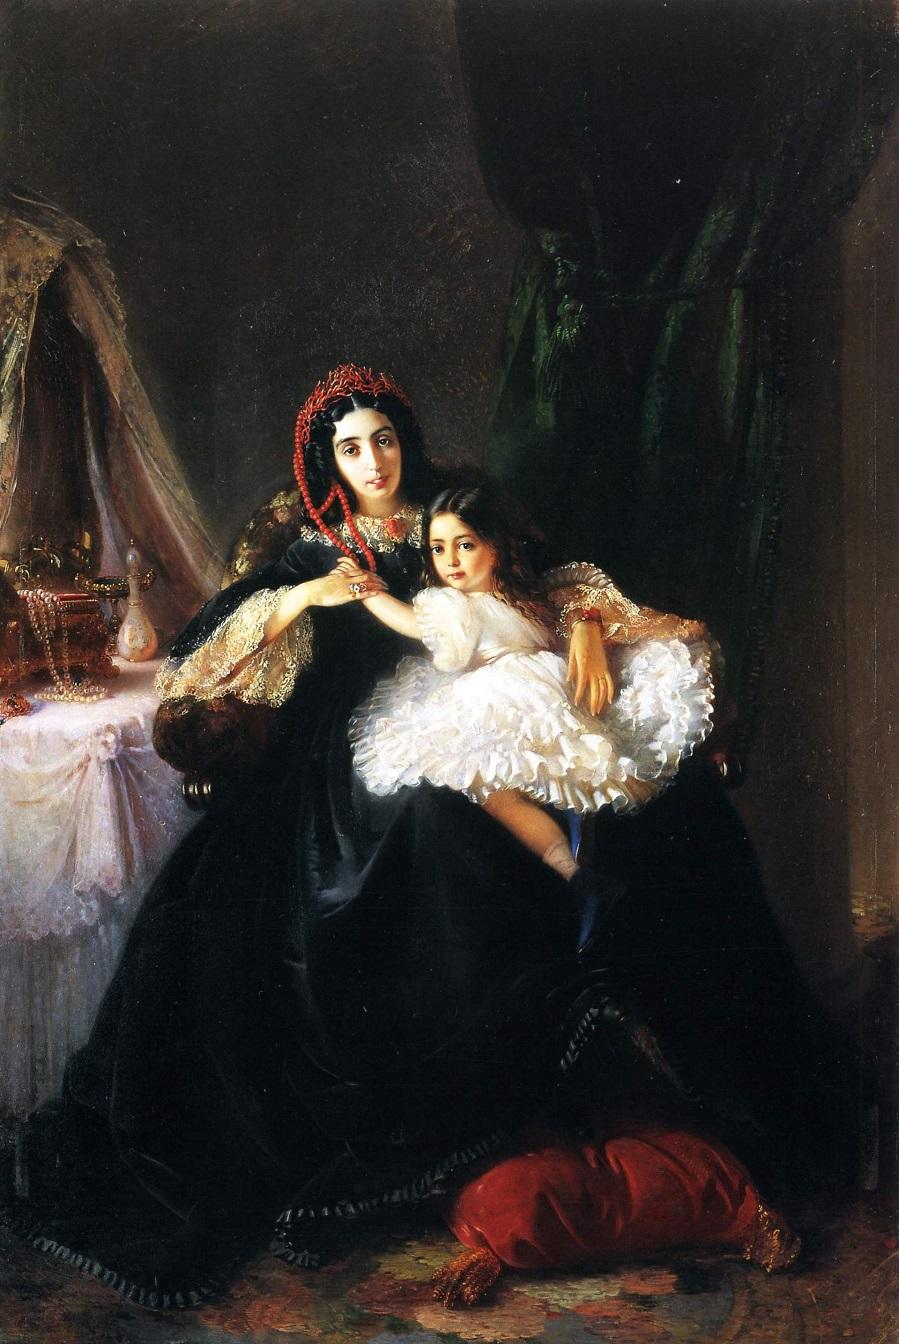 Портрет графини Ржевусской с дочерью  Киевский национальный музей русского искусства, Украина